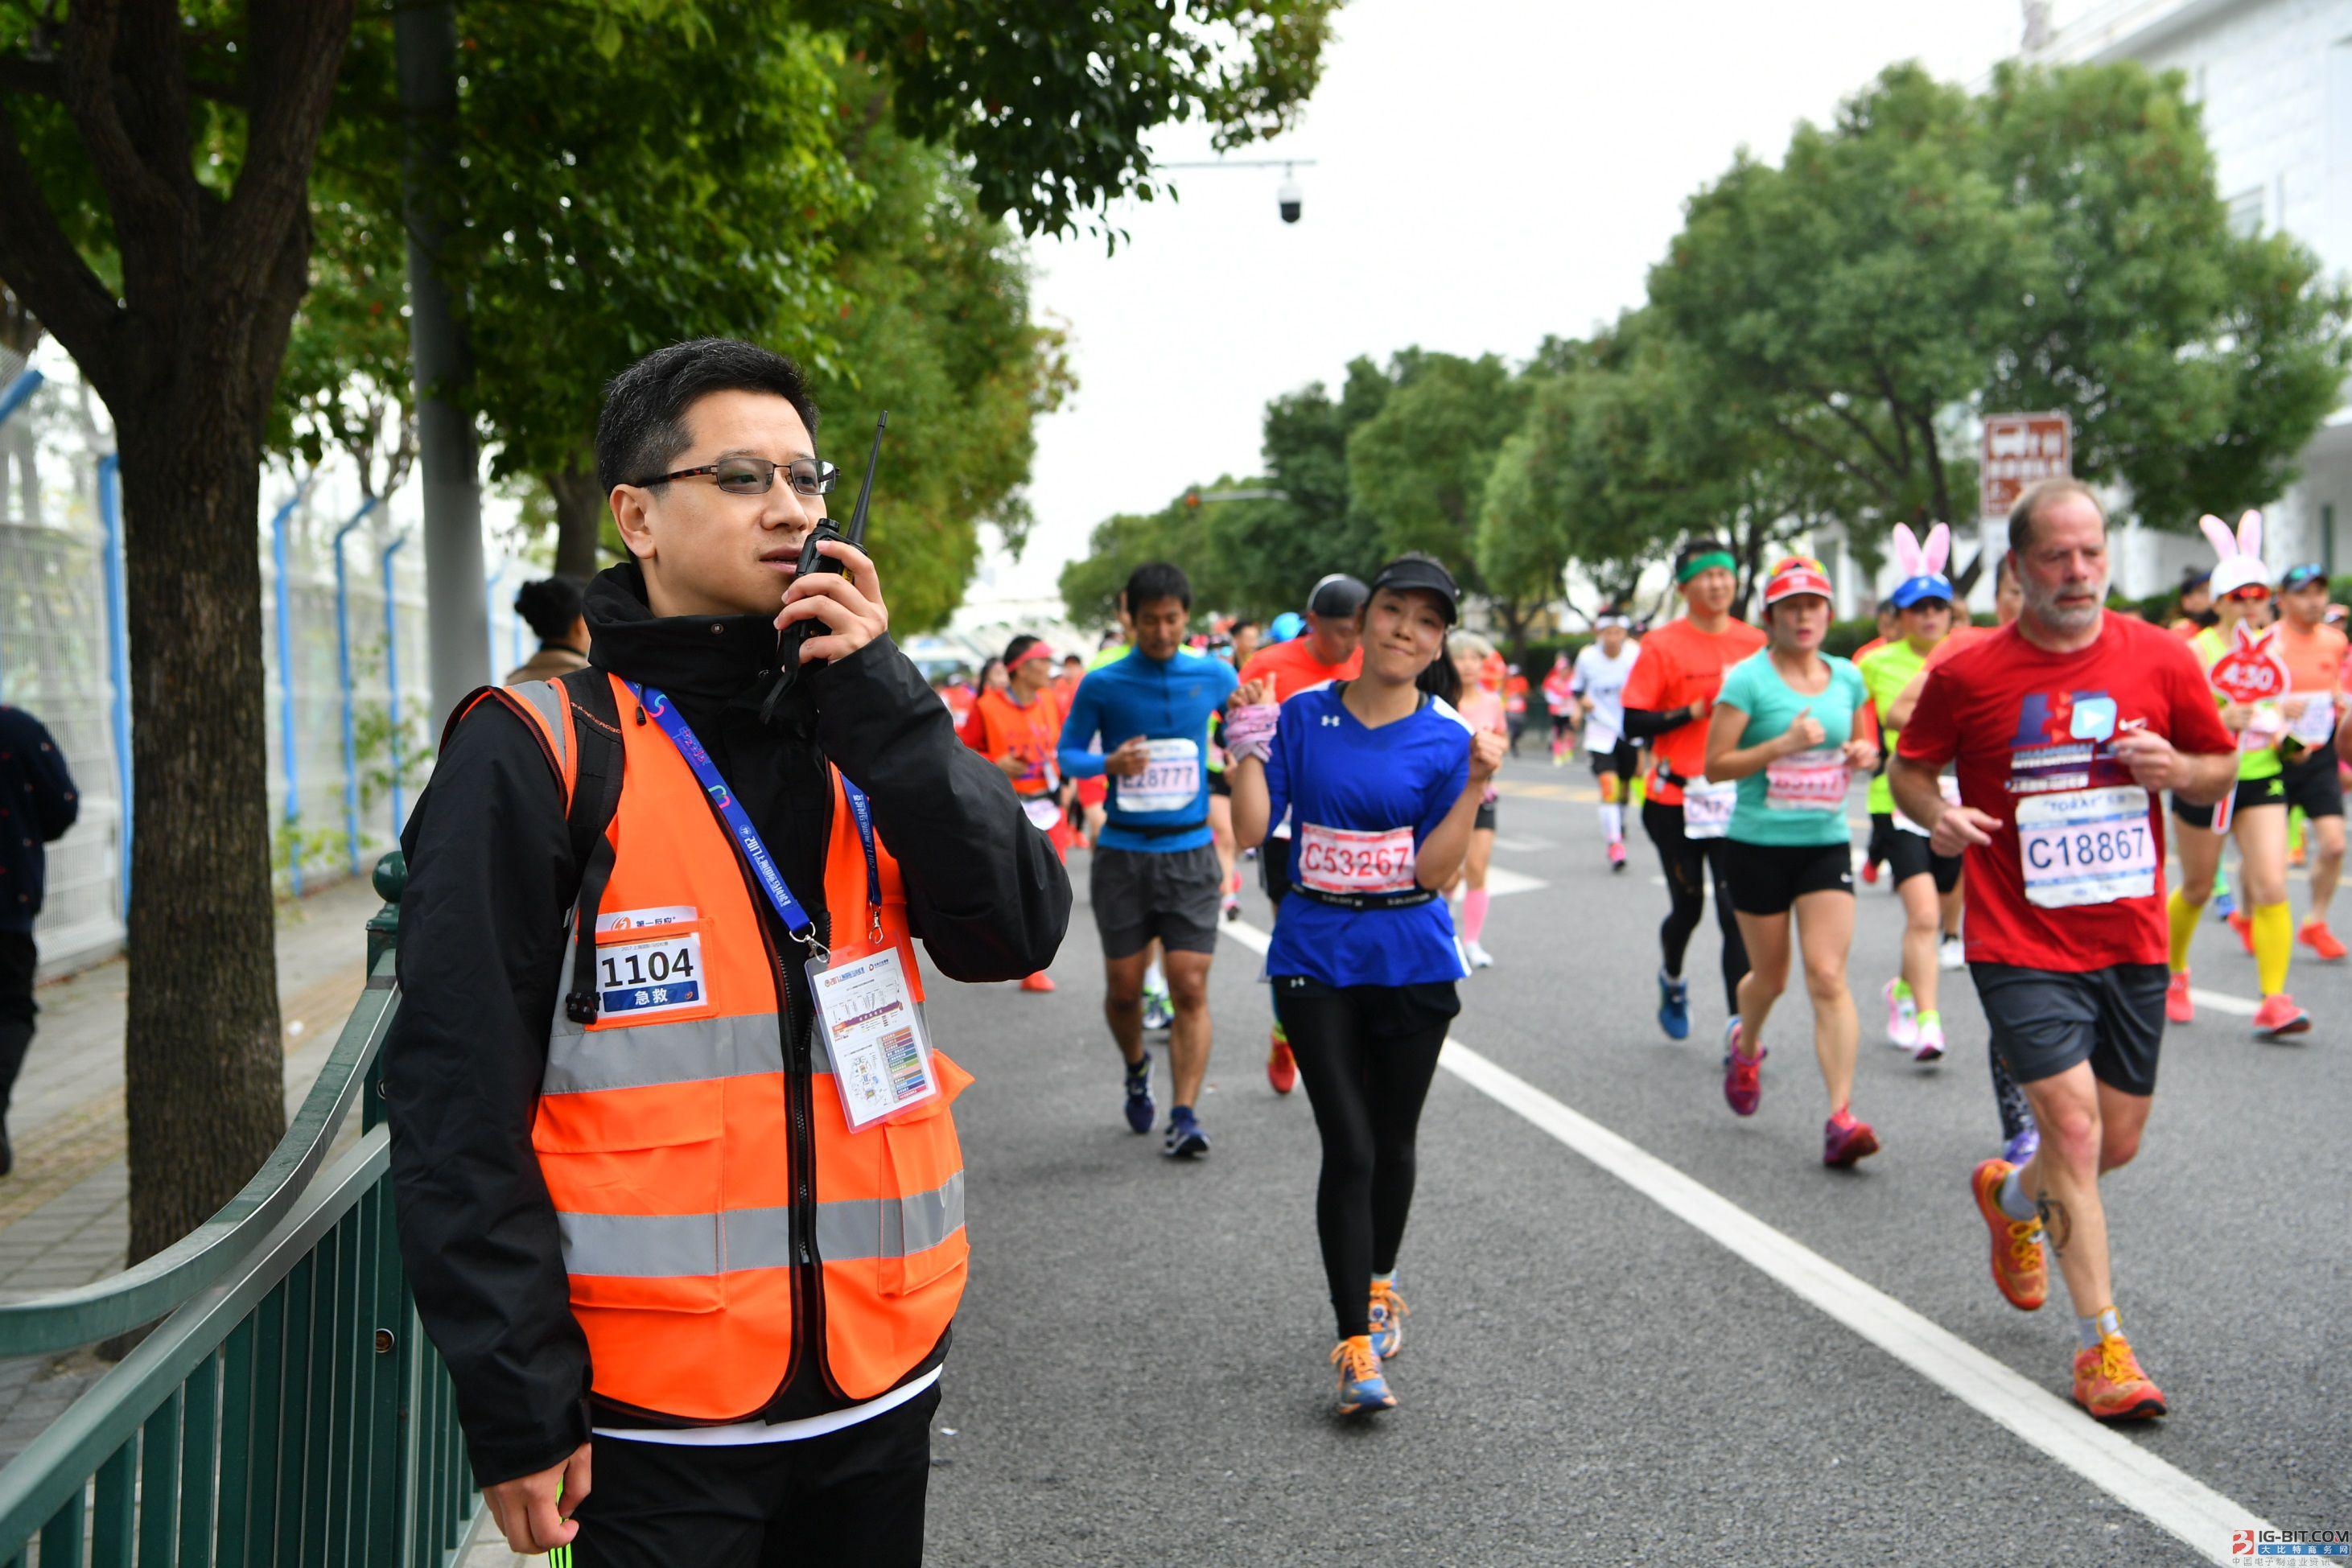 液化空气中国志愿者为2017上海国际马拉松提供急救保障